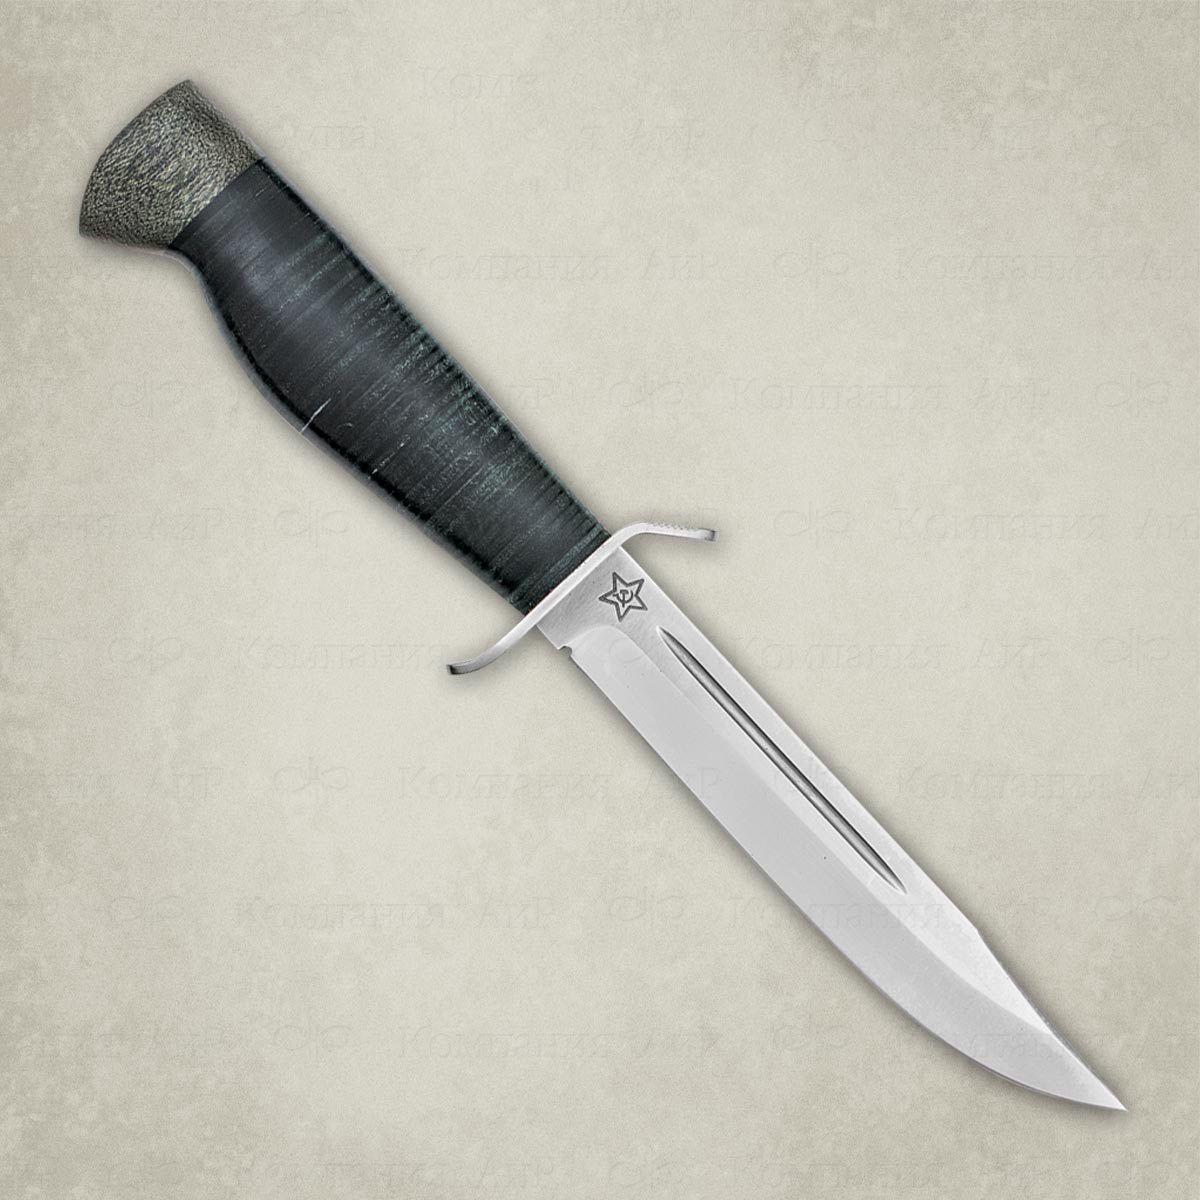 Нож разделочный АиР Штрафбат, сталь Elmax, рукоять кожа